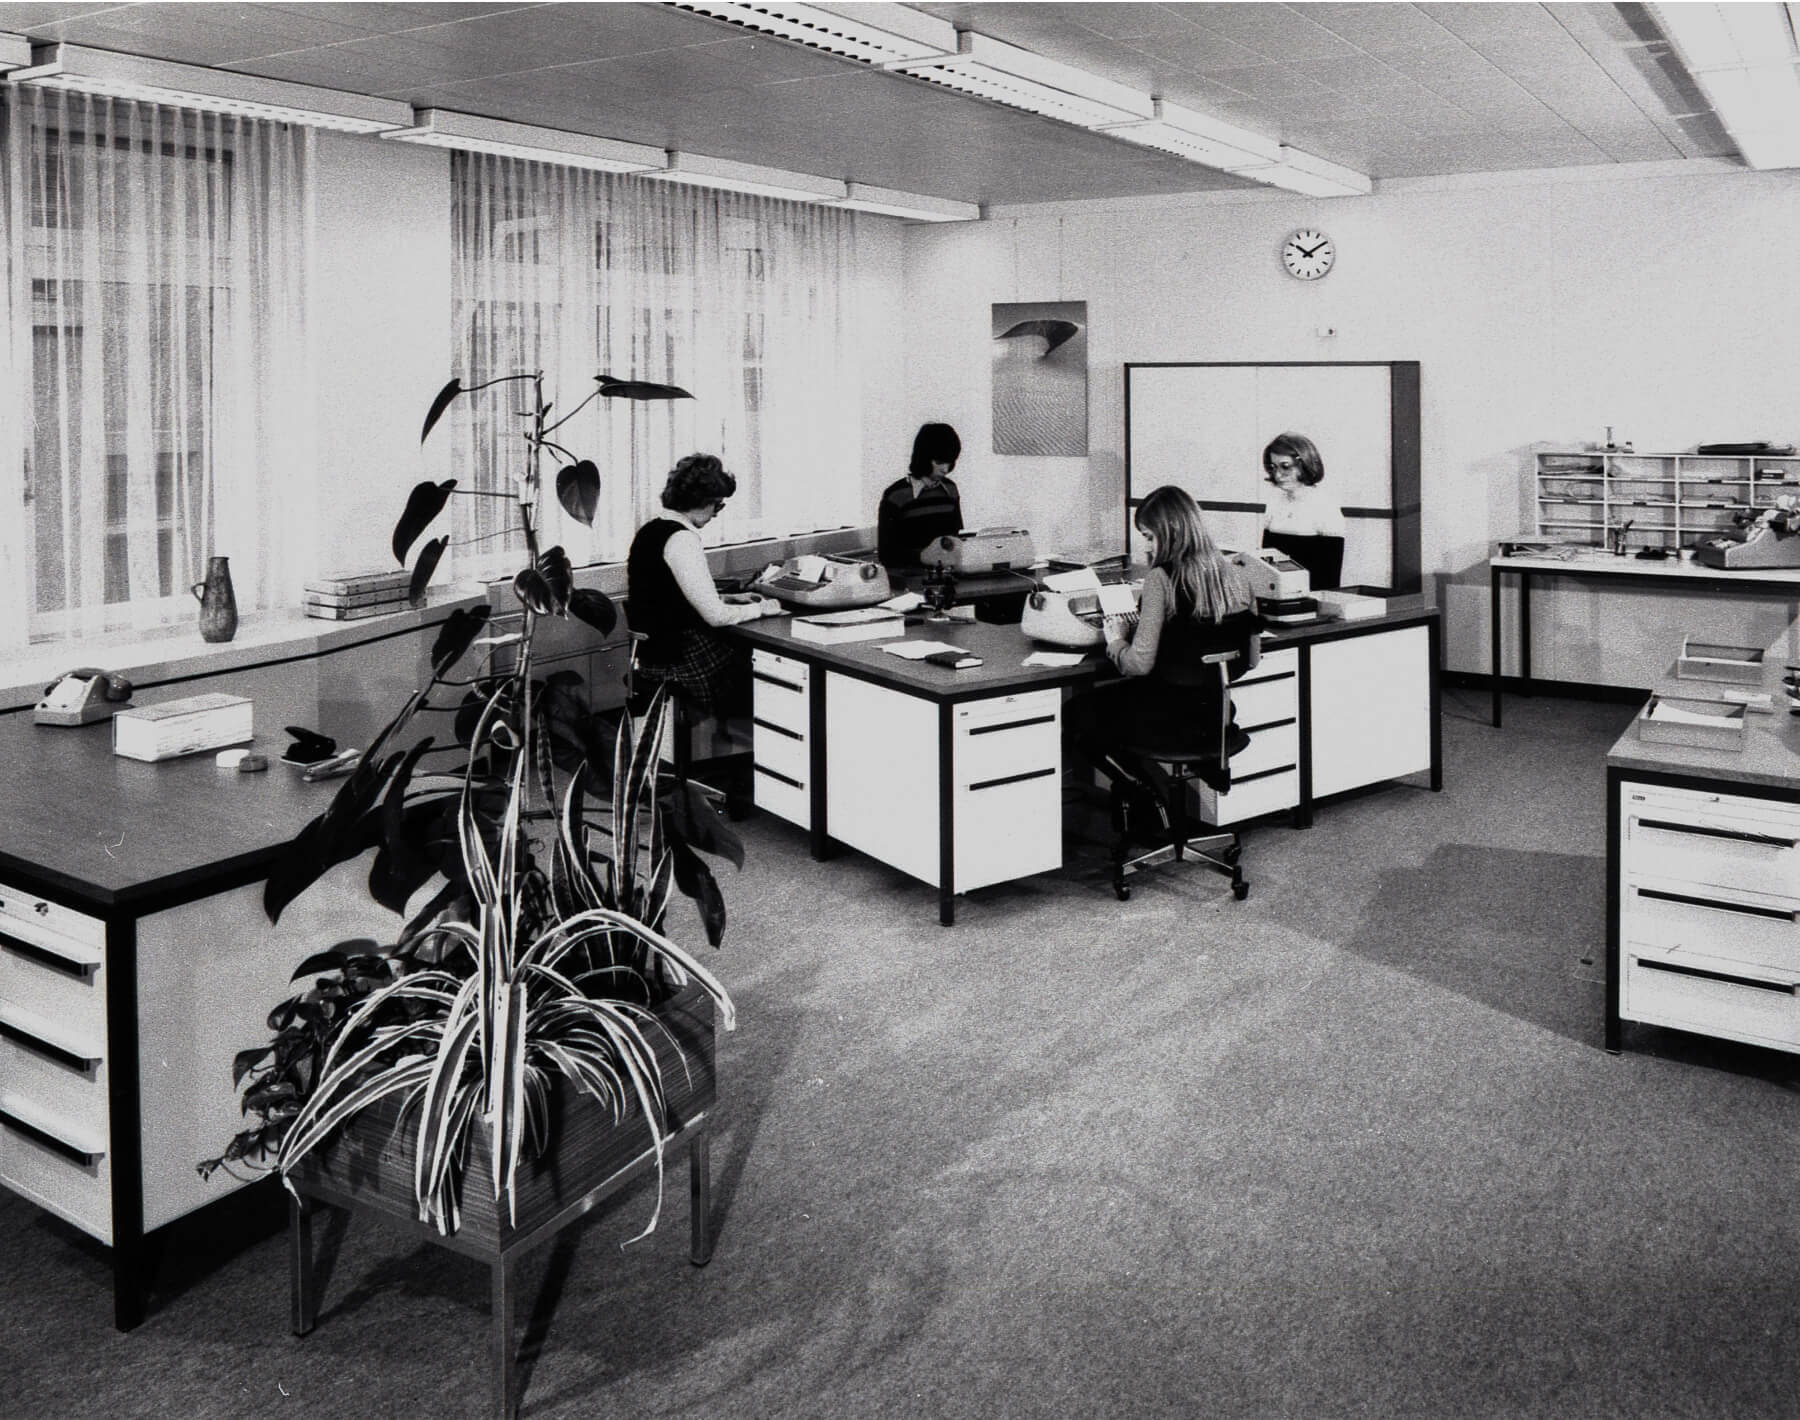 Office in 1970s